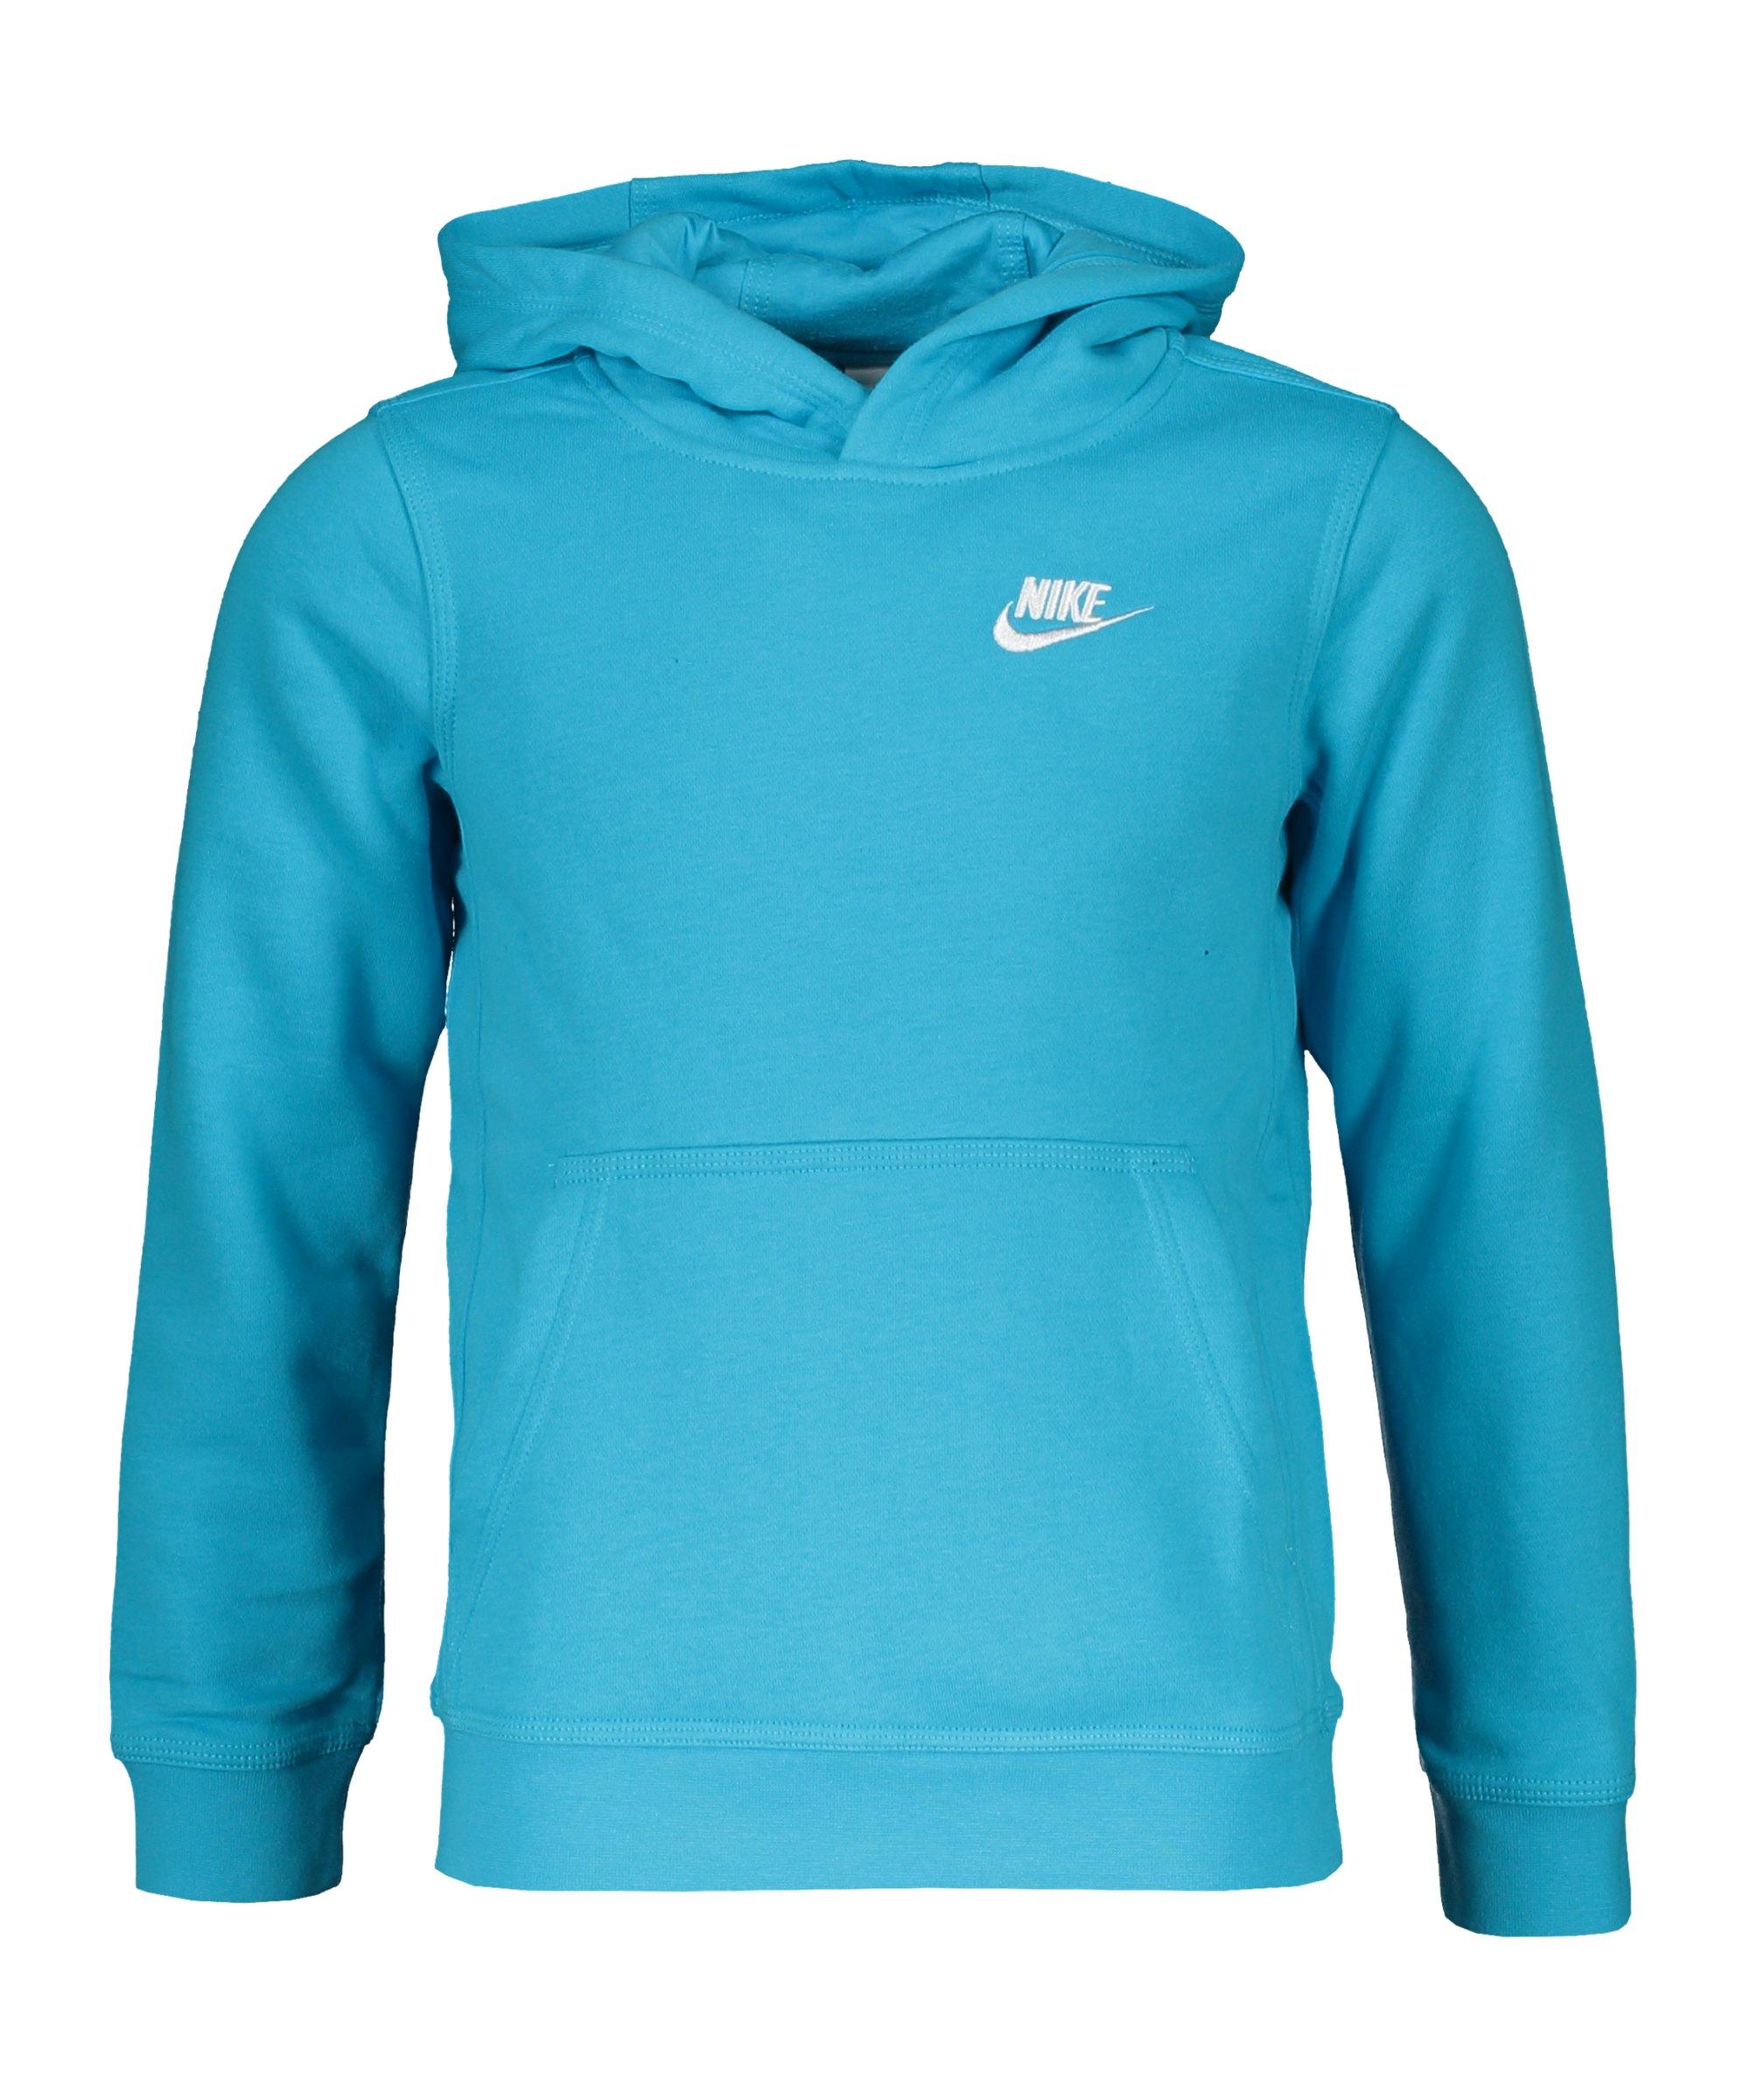 Nike Club Hoody Kids Blau Weiss F447 - blau